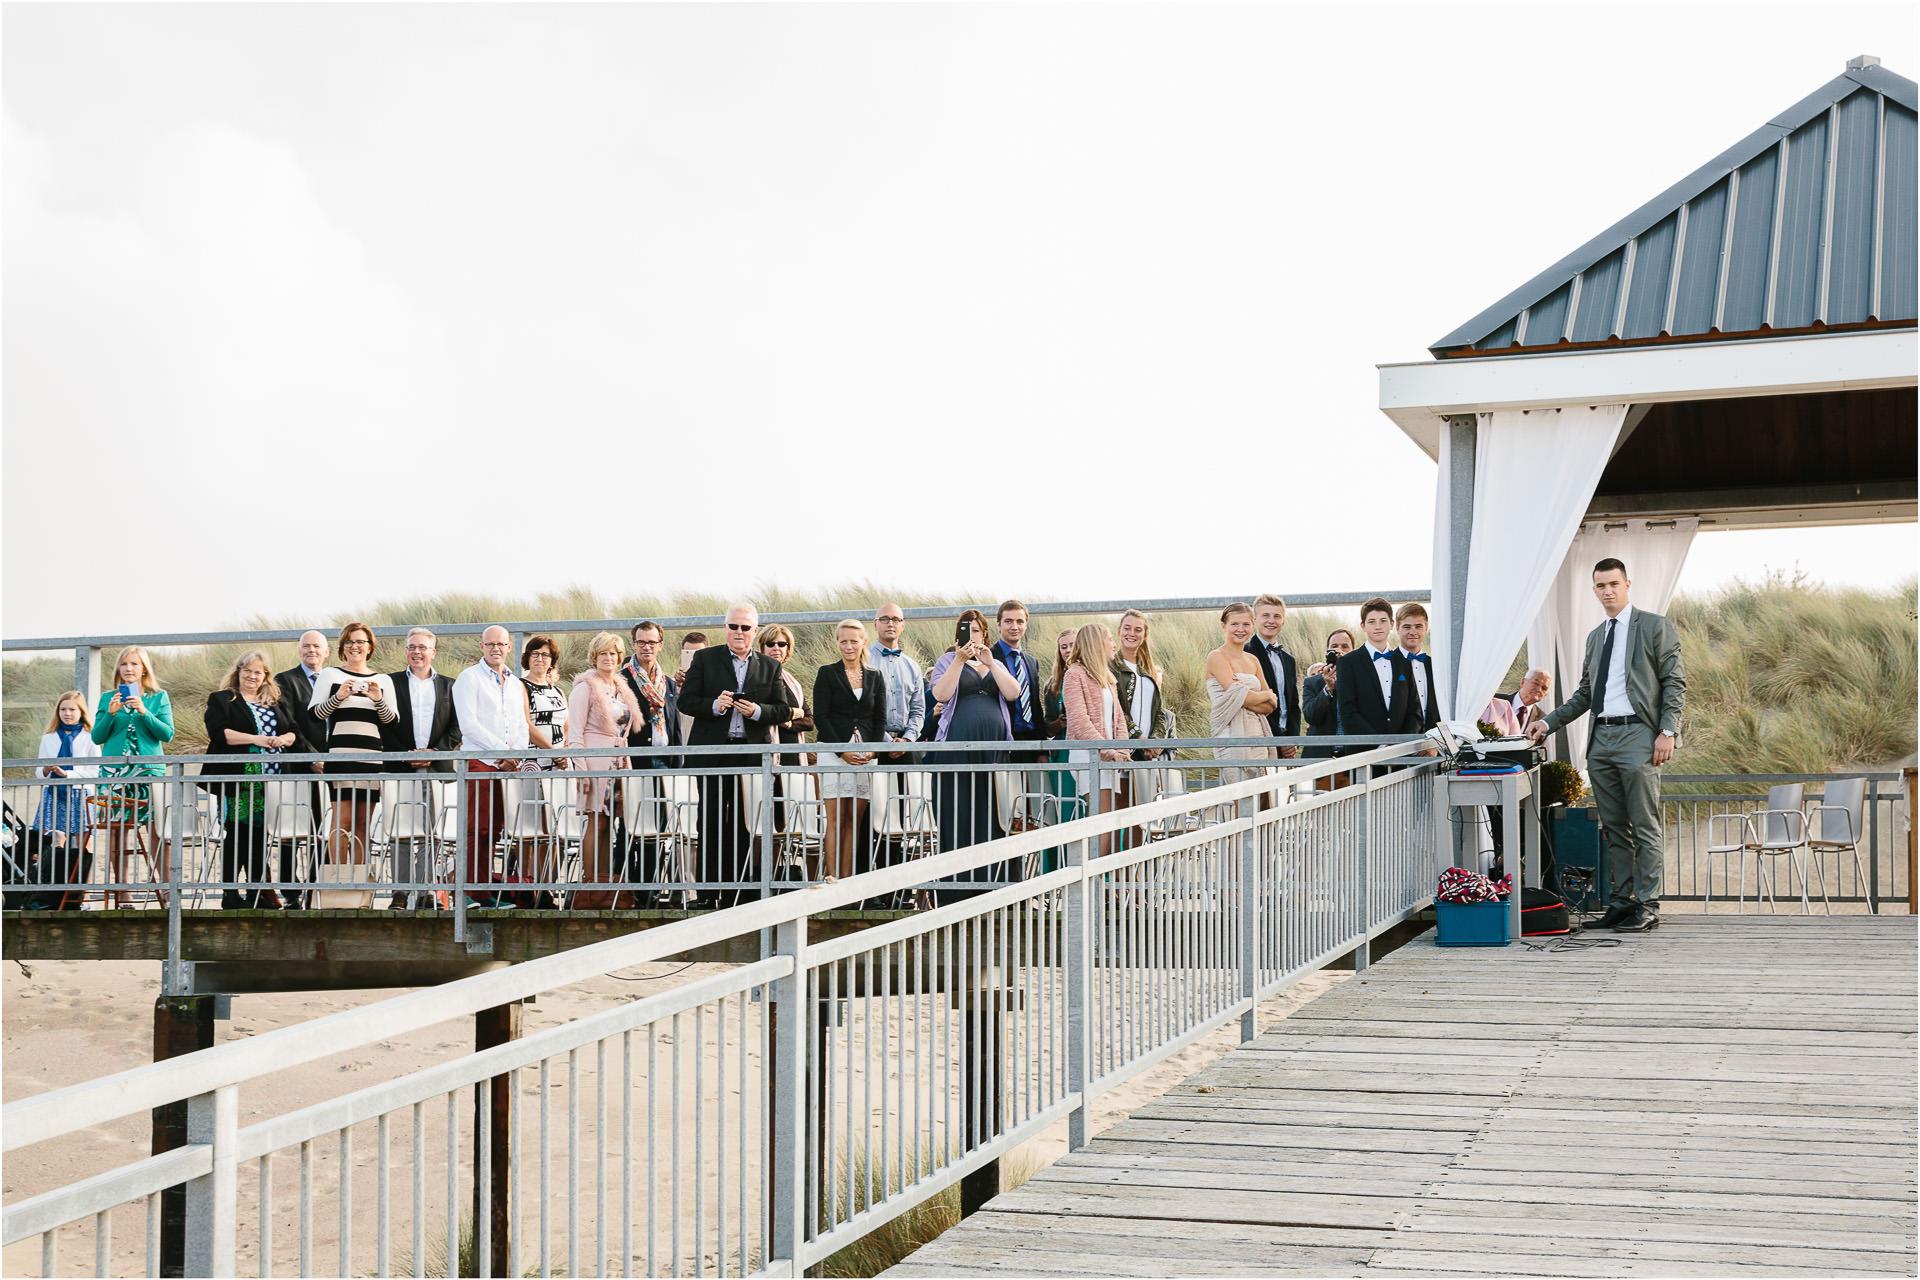 Huwelijksfotograaf Standpaviljoen Kijkduin